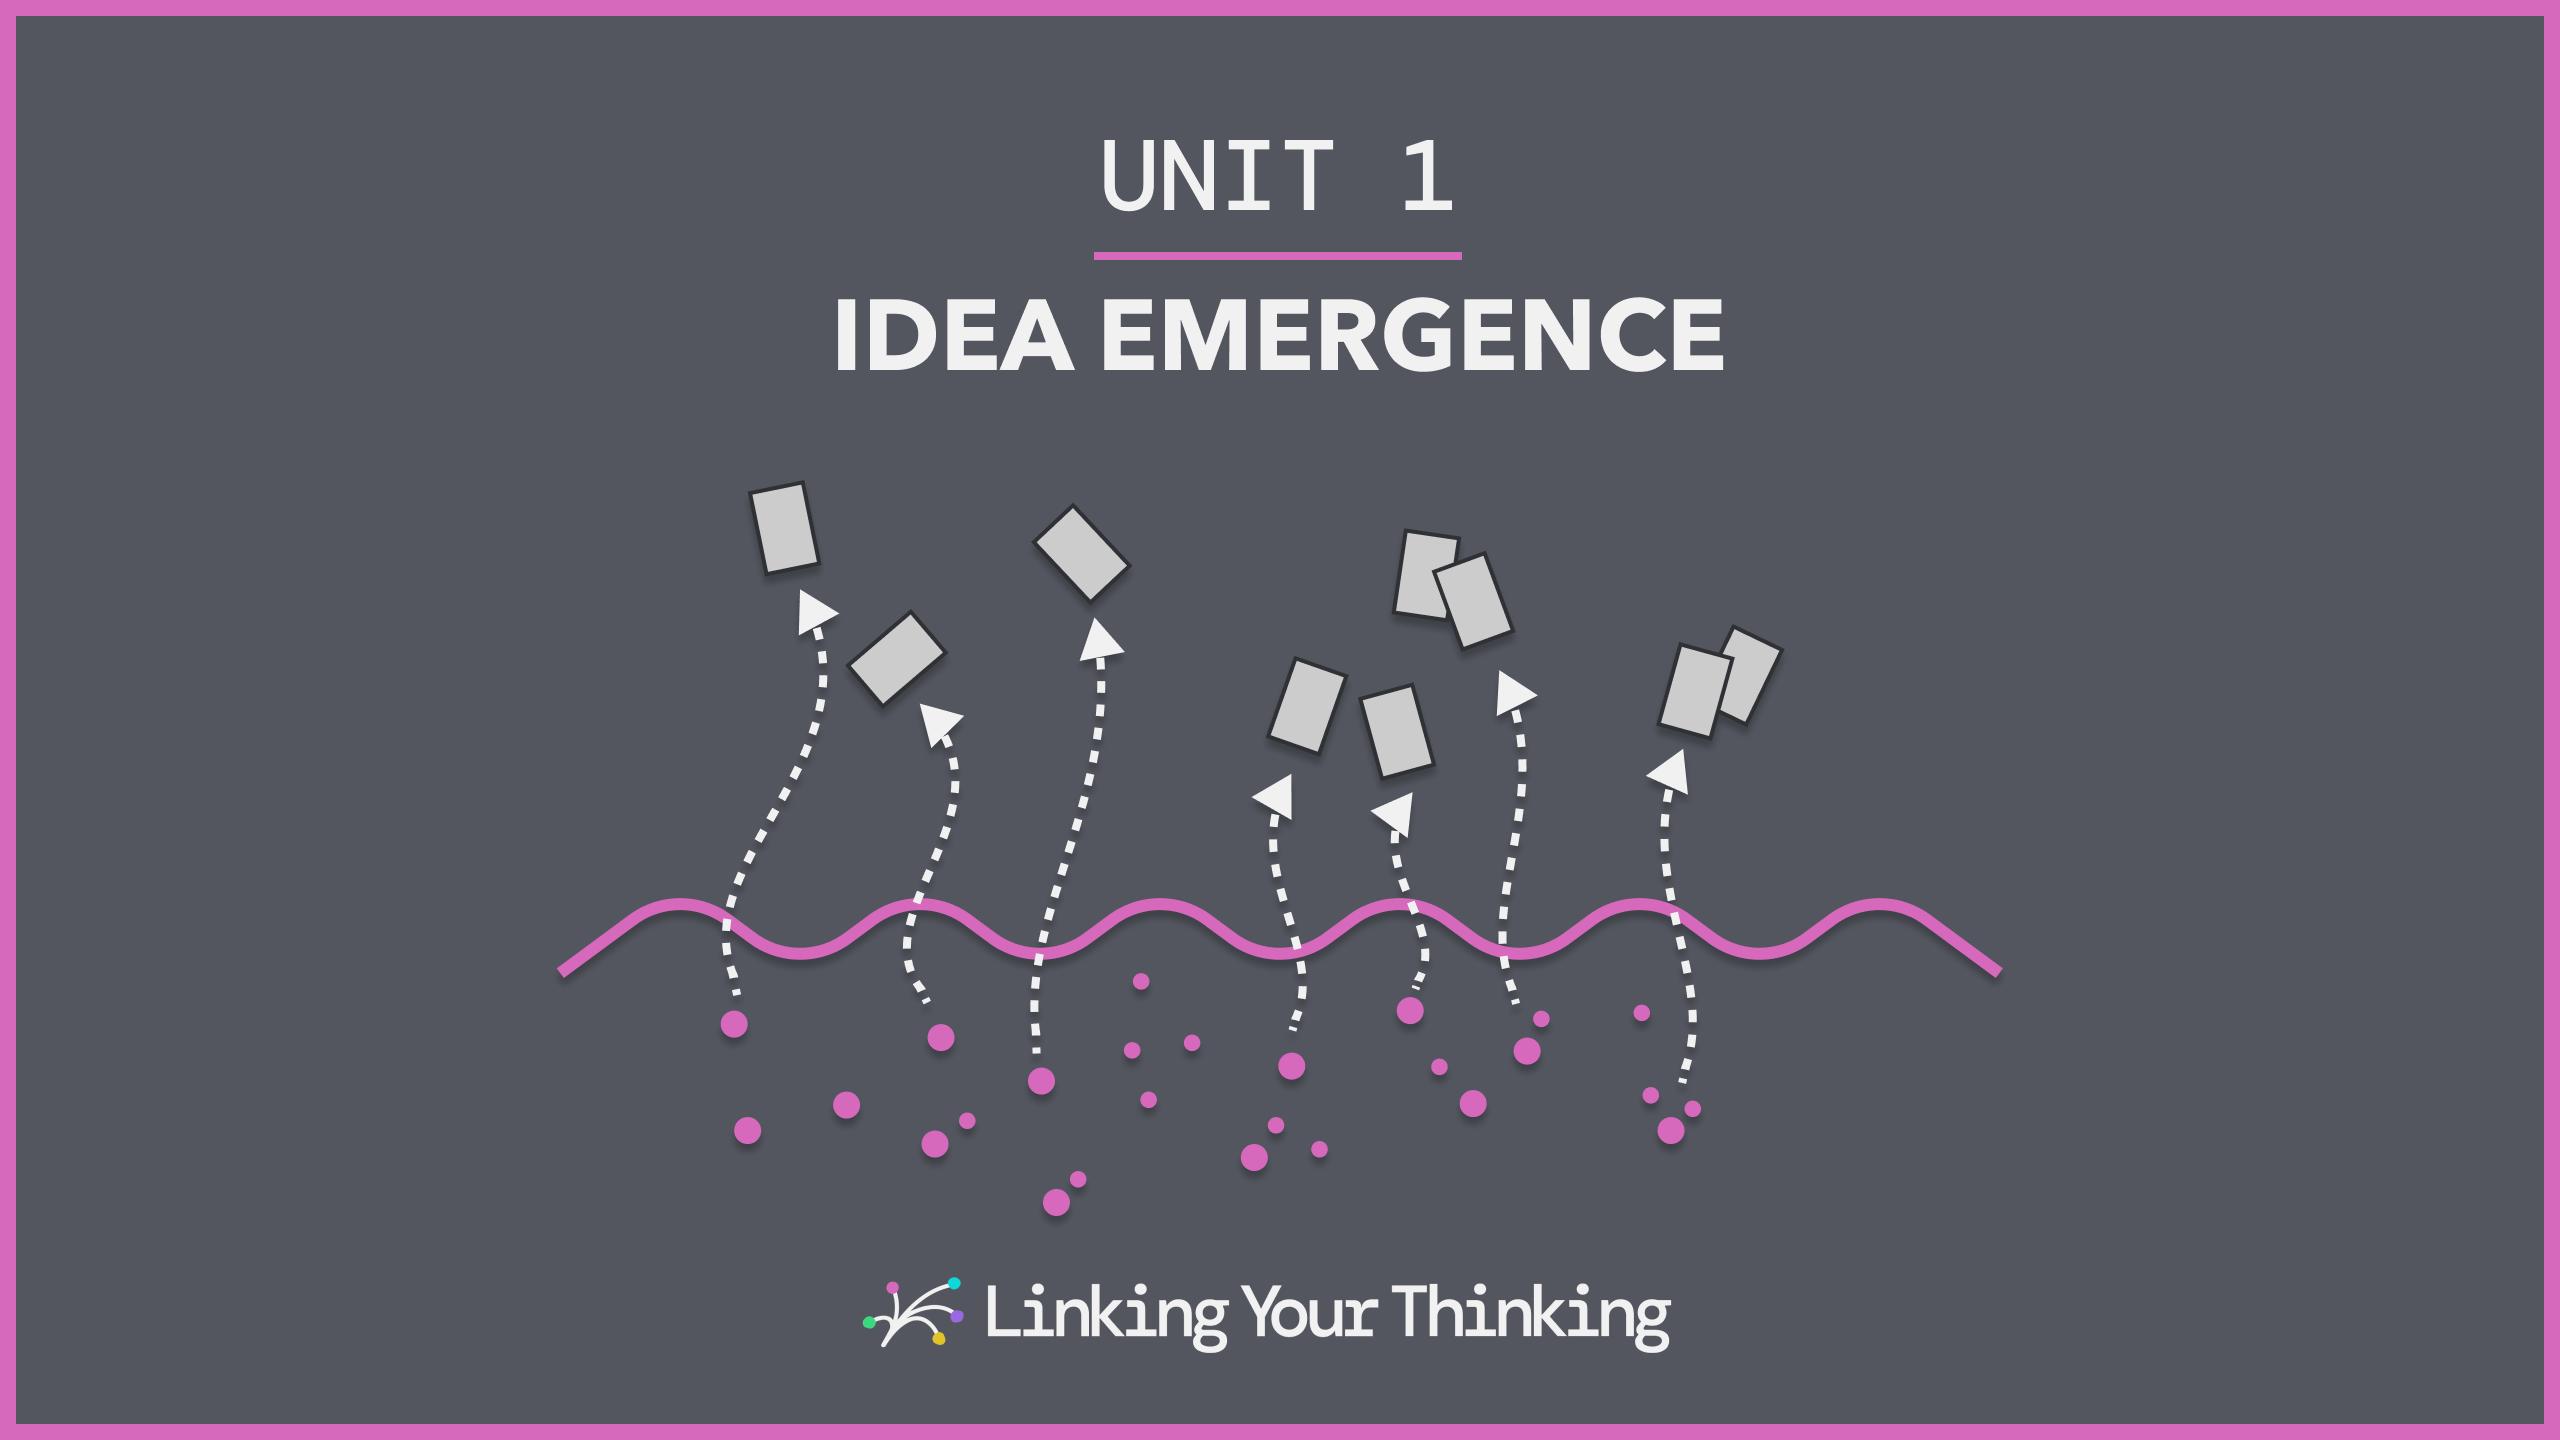 LYT Workshop - Unit 1 image